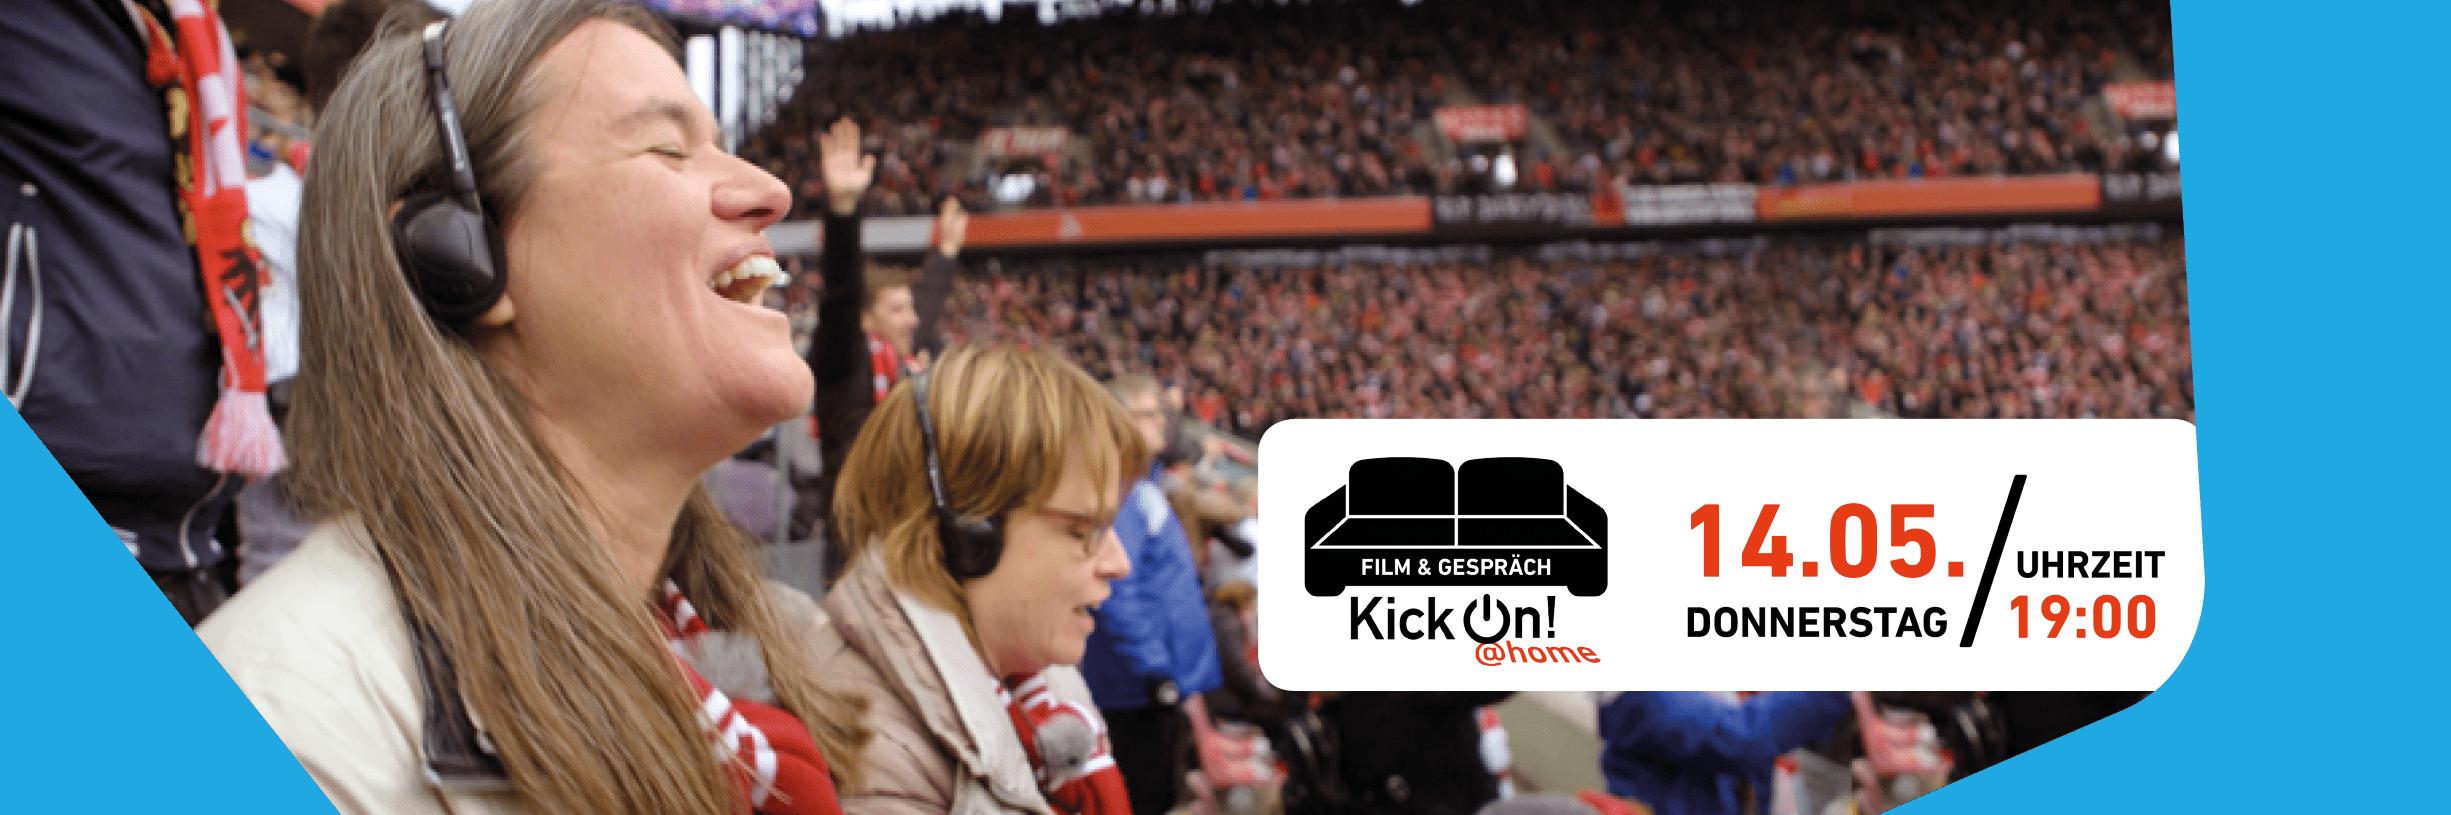 Im Vordergrund sind zwei weibliche, blinde Fans zu sehen, welche sich freuen. Sie sitzen auf der Tribüne des mit vielen Zuschauern gefüllten Stadion des 1. FC Köln. Rechts in dem Bild befindet sich ein weißer Infokasten mit den Informationen zu der Veranstaltung und einem schwarzen Sofa. Unterhalb des Sofas steht KickOn at home.